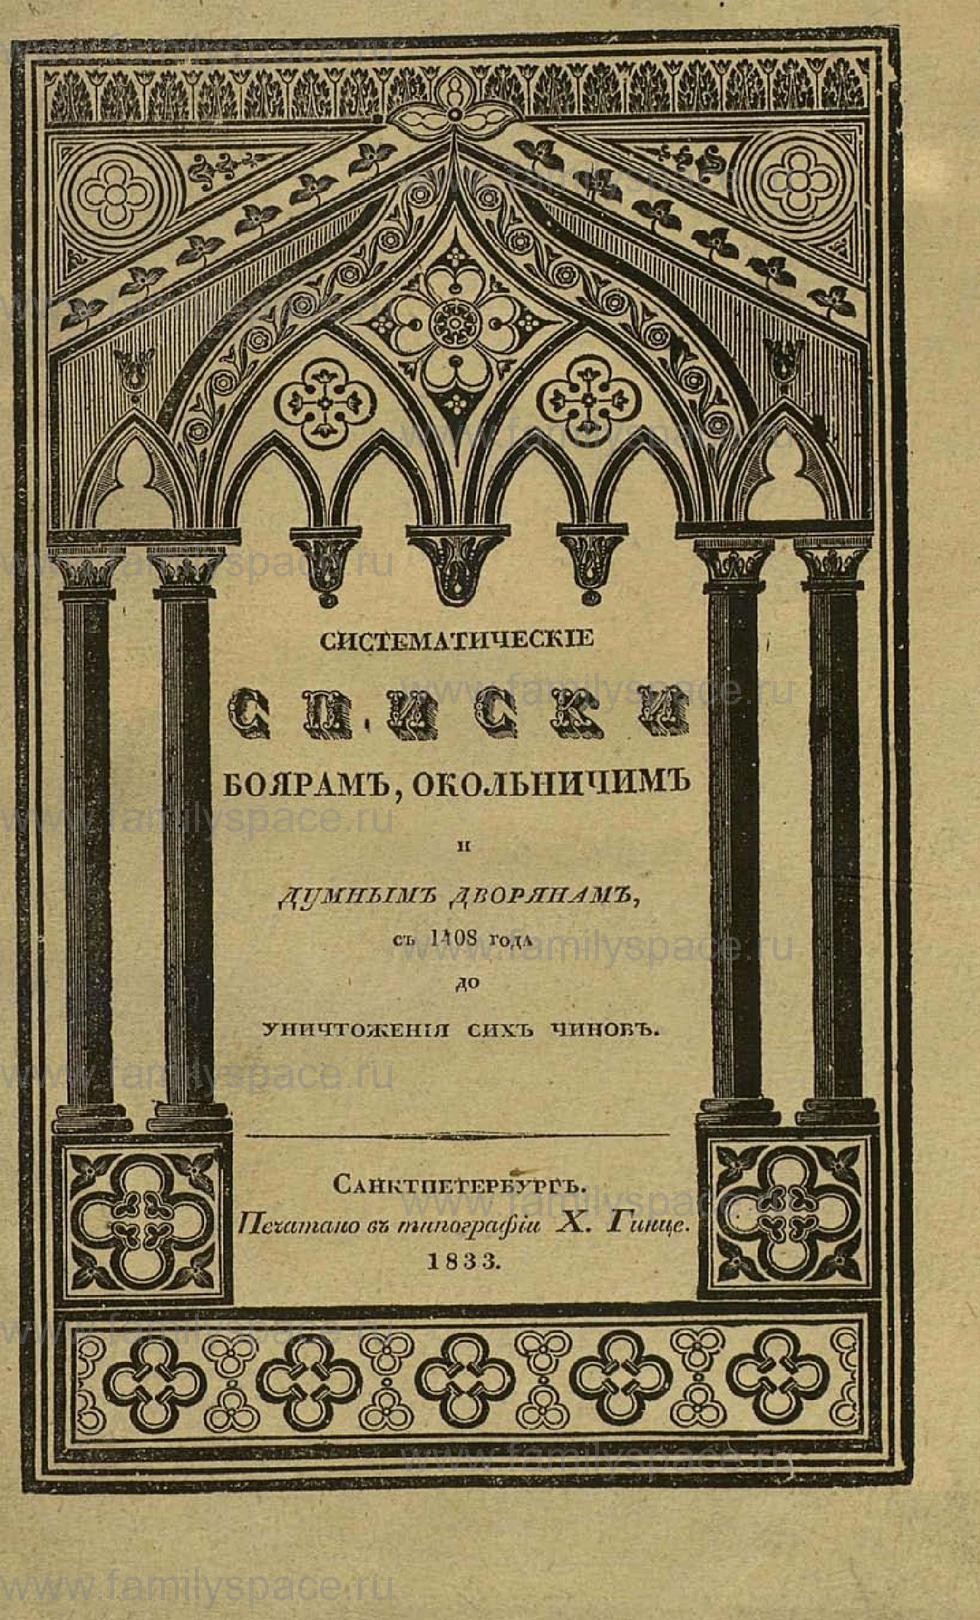 Поиск по фамилии - Списки боярам, окольничим и думным дворянам с 1408 года, страница -9